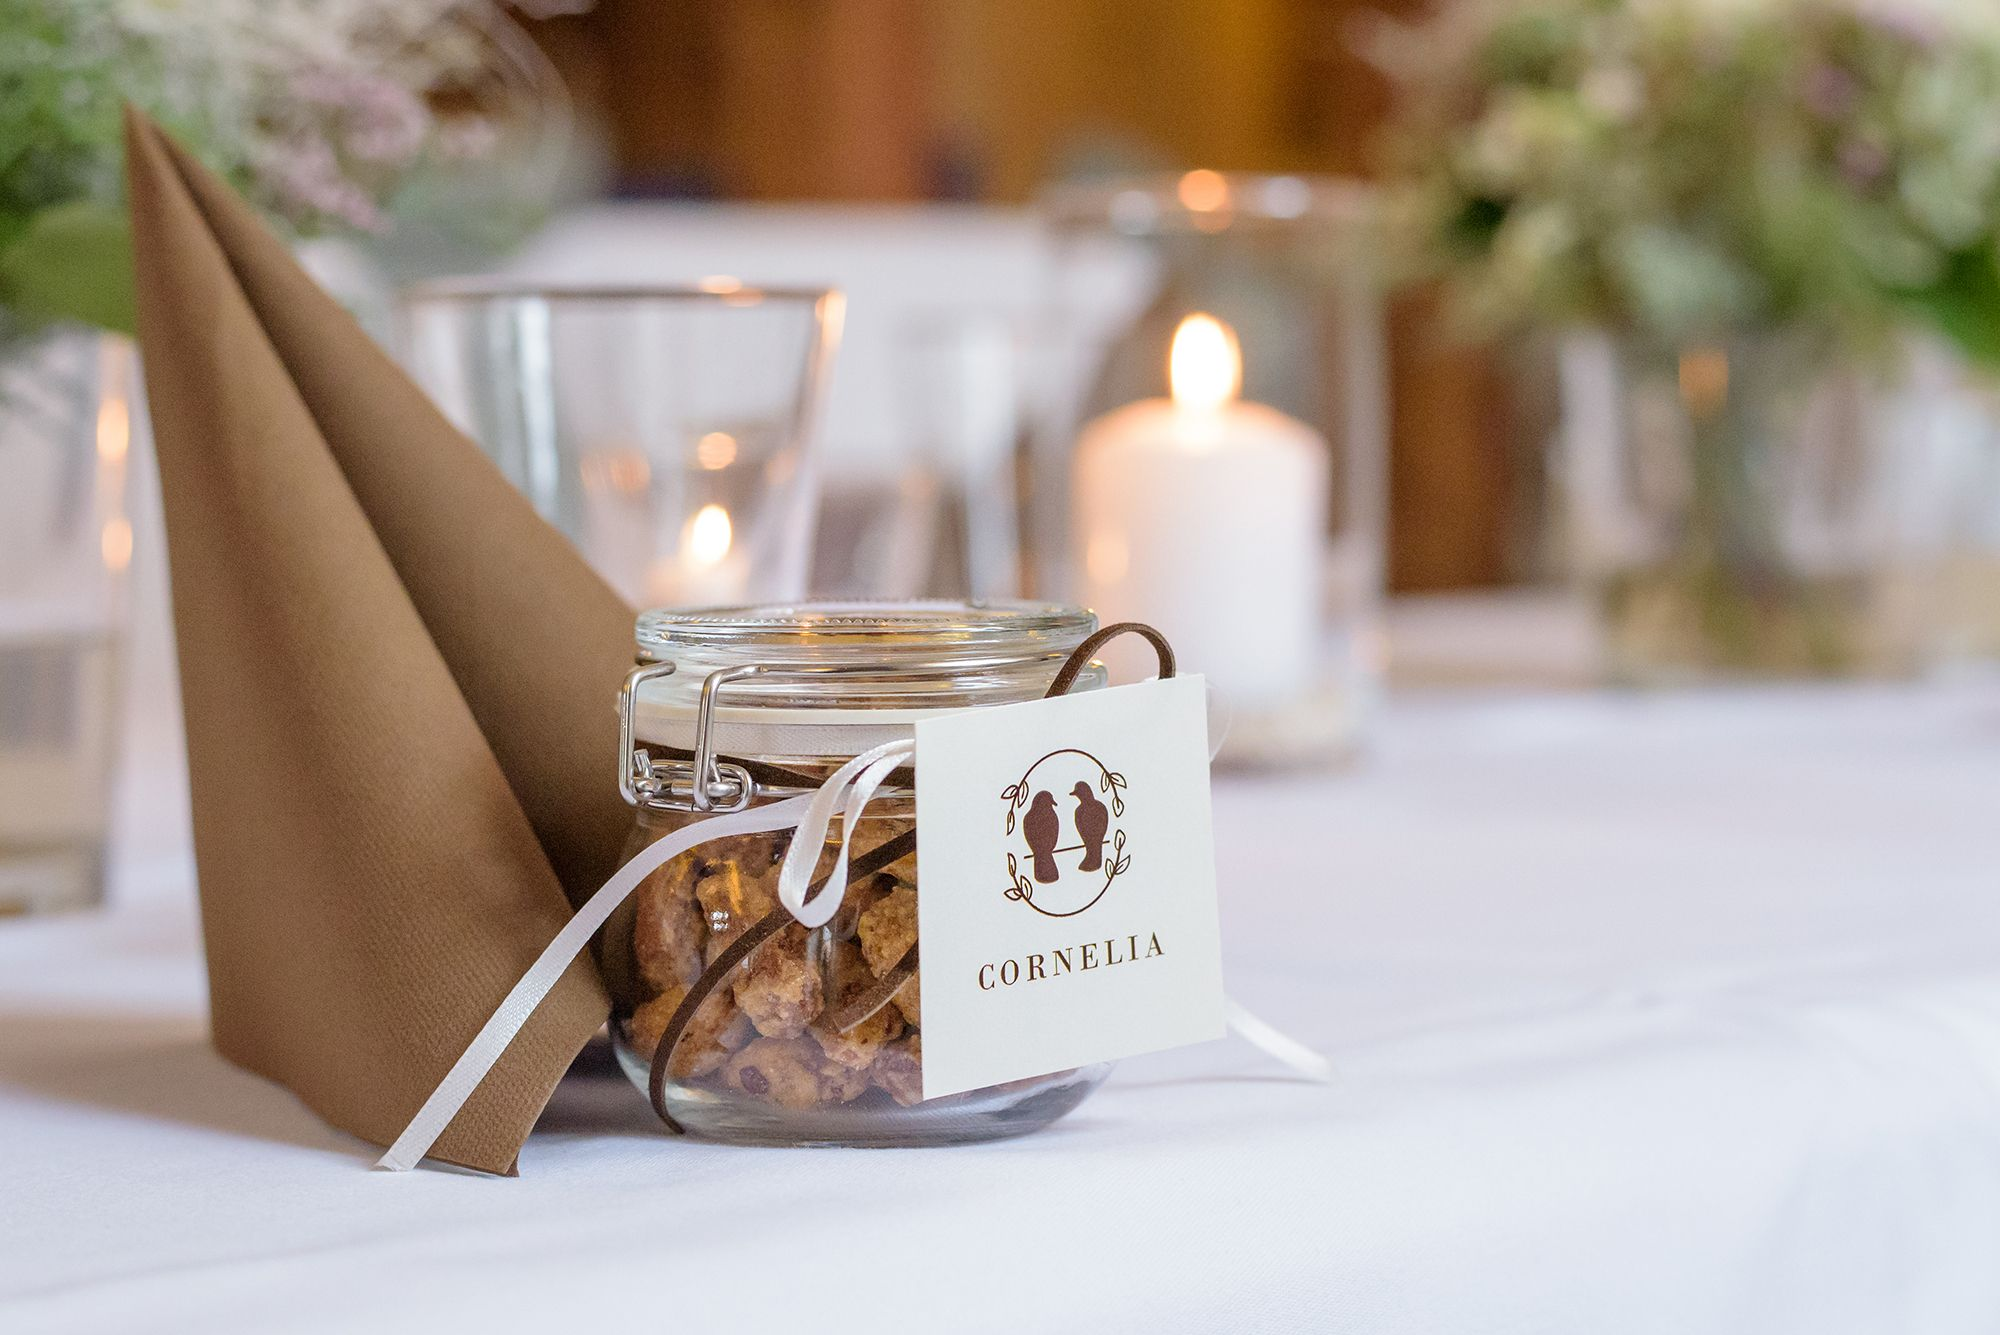 Novemberhochzeit Gastgeschenk Und Tischkarten Zugleich Gefullt Mit Gebrannten Mandeln November Hochzeit Herbsthochzeit Geschenke